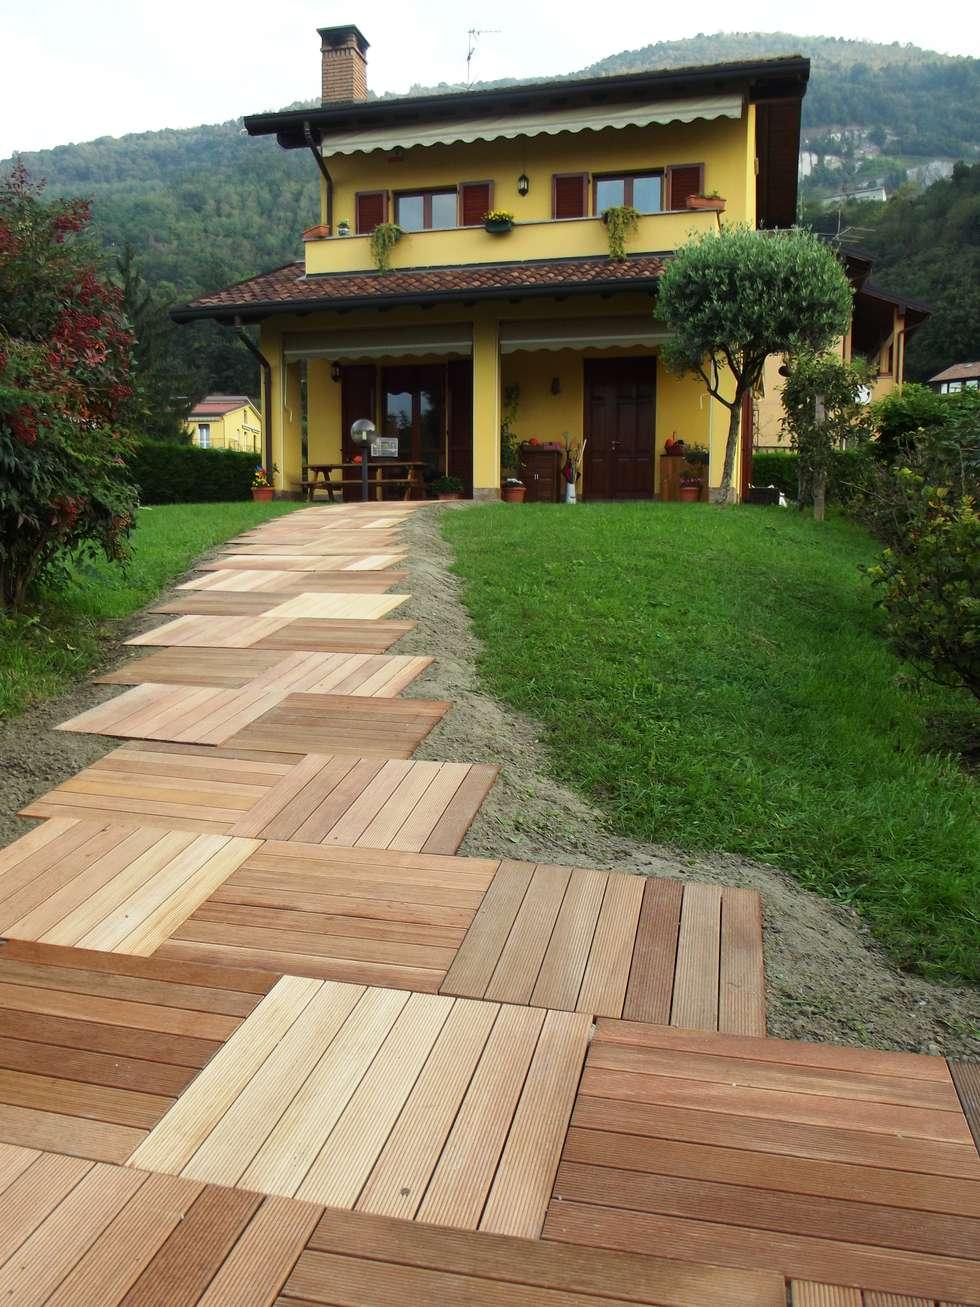 Sentiero con mattonelle da esterno in legno di Ipè: Giardino in stile in stile Asiatico di ONLYWOOD